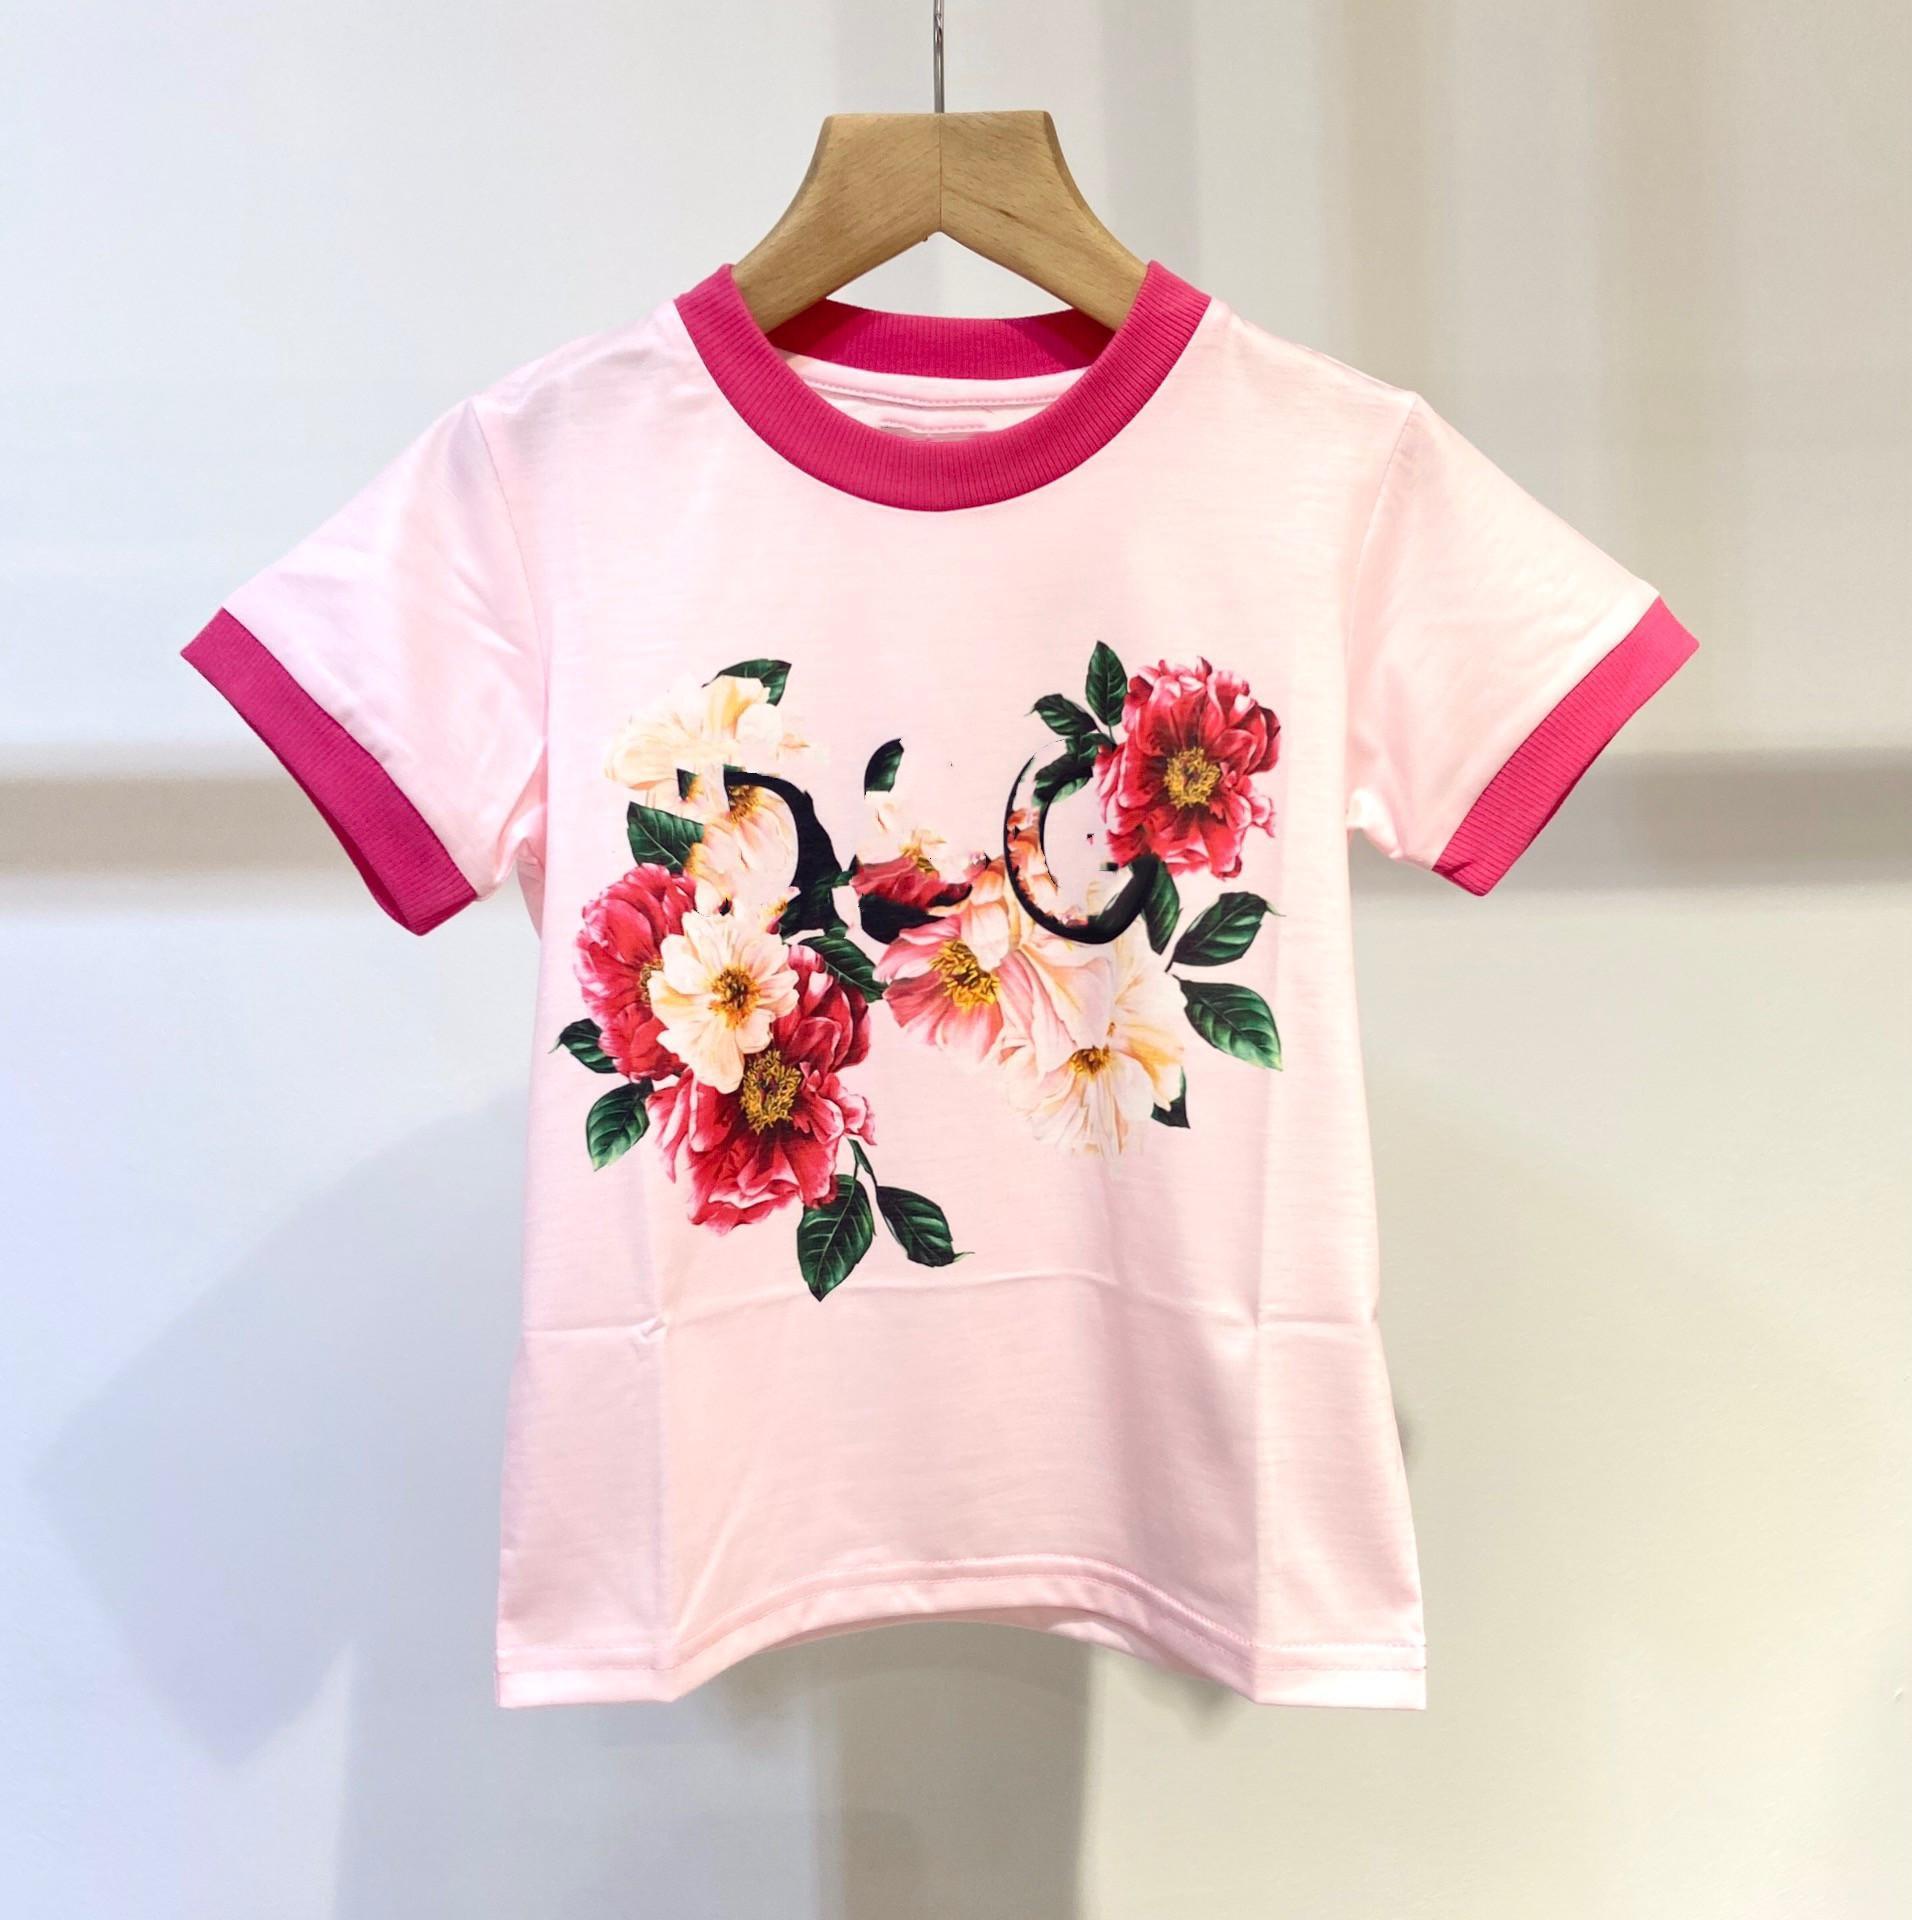 أزياء الطفل بنات تي شيرت الصيف طفلة 100٪ القمصان القطن تي تيز الأطفال ملابس الأطفال الملابس الأعلى